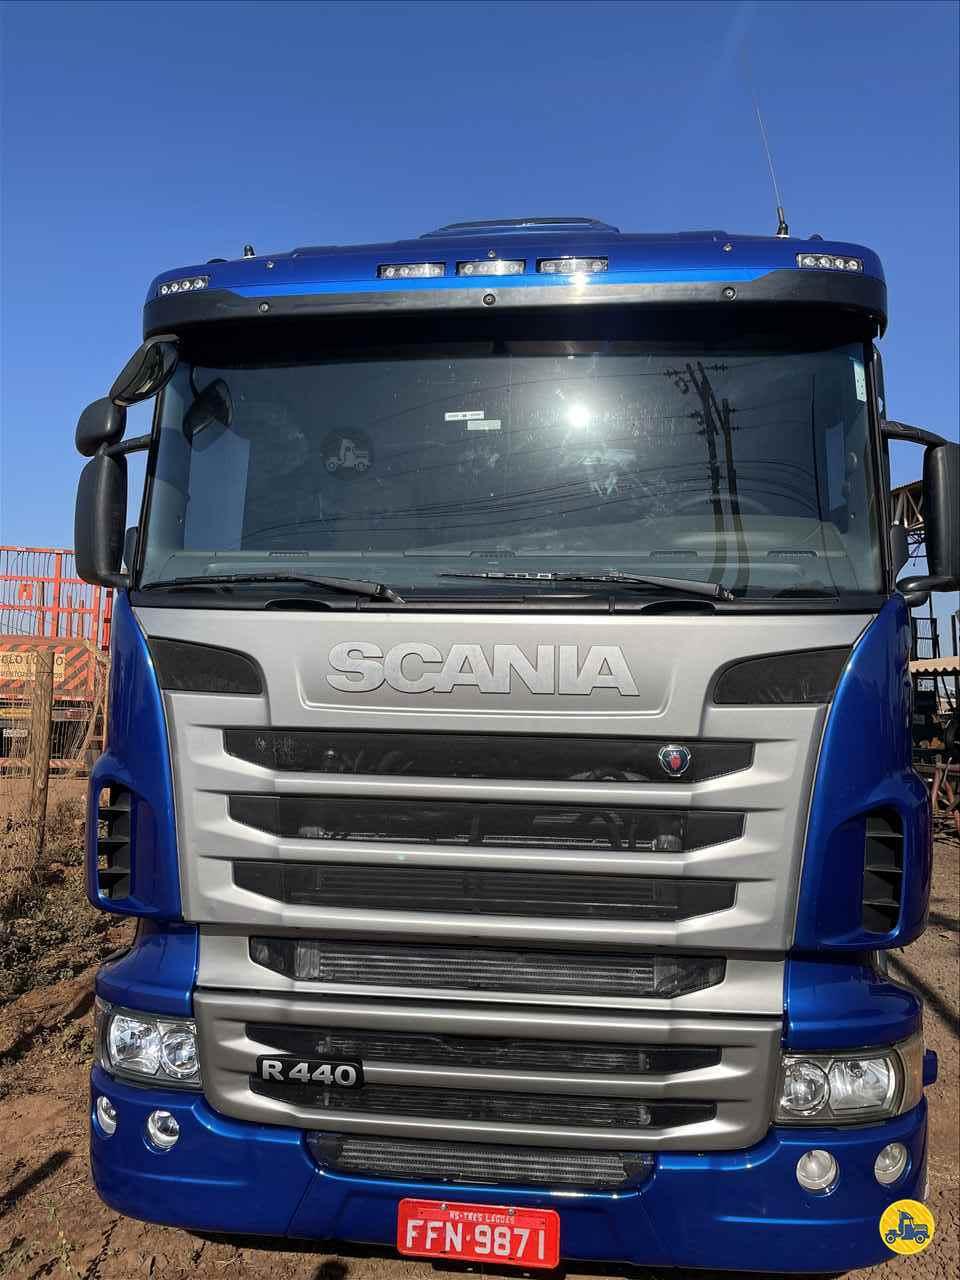 CAMINHAO SCANIA SCANIA 440 Trujillo Transportes TRES LAGOAS MATO GROSSO DO SUL MS